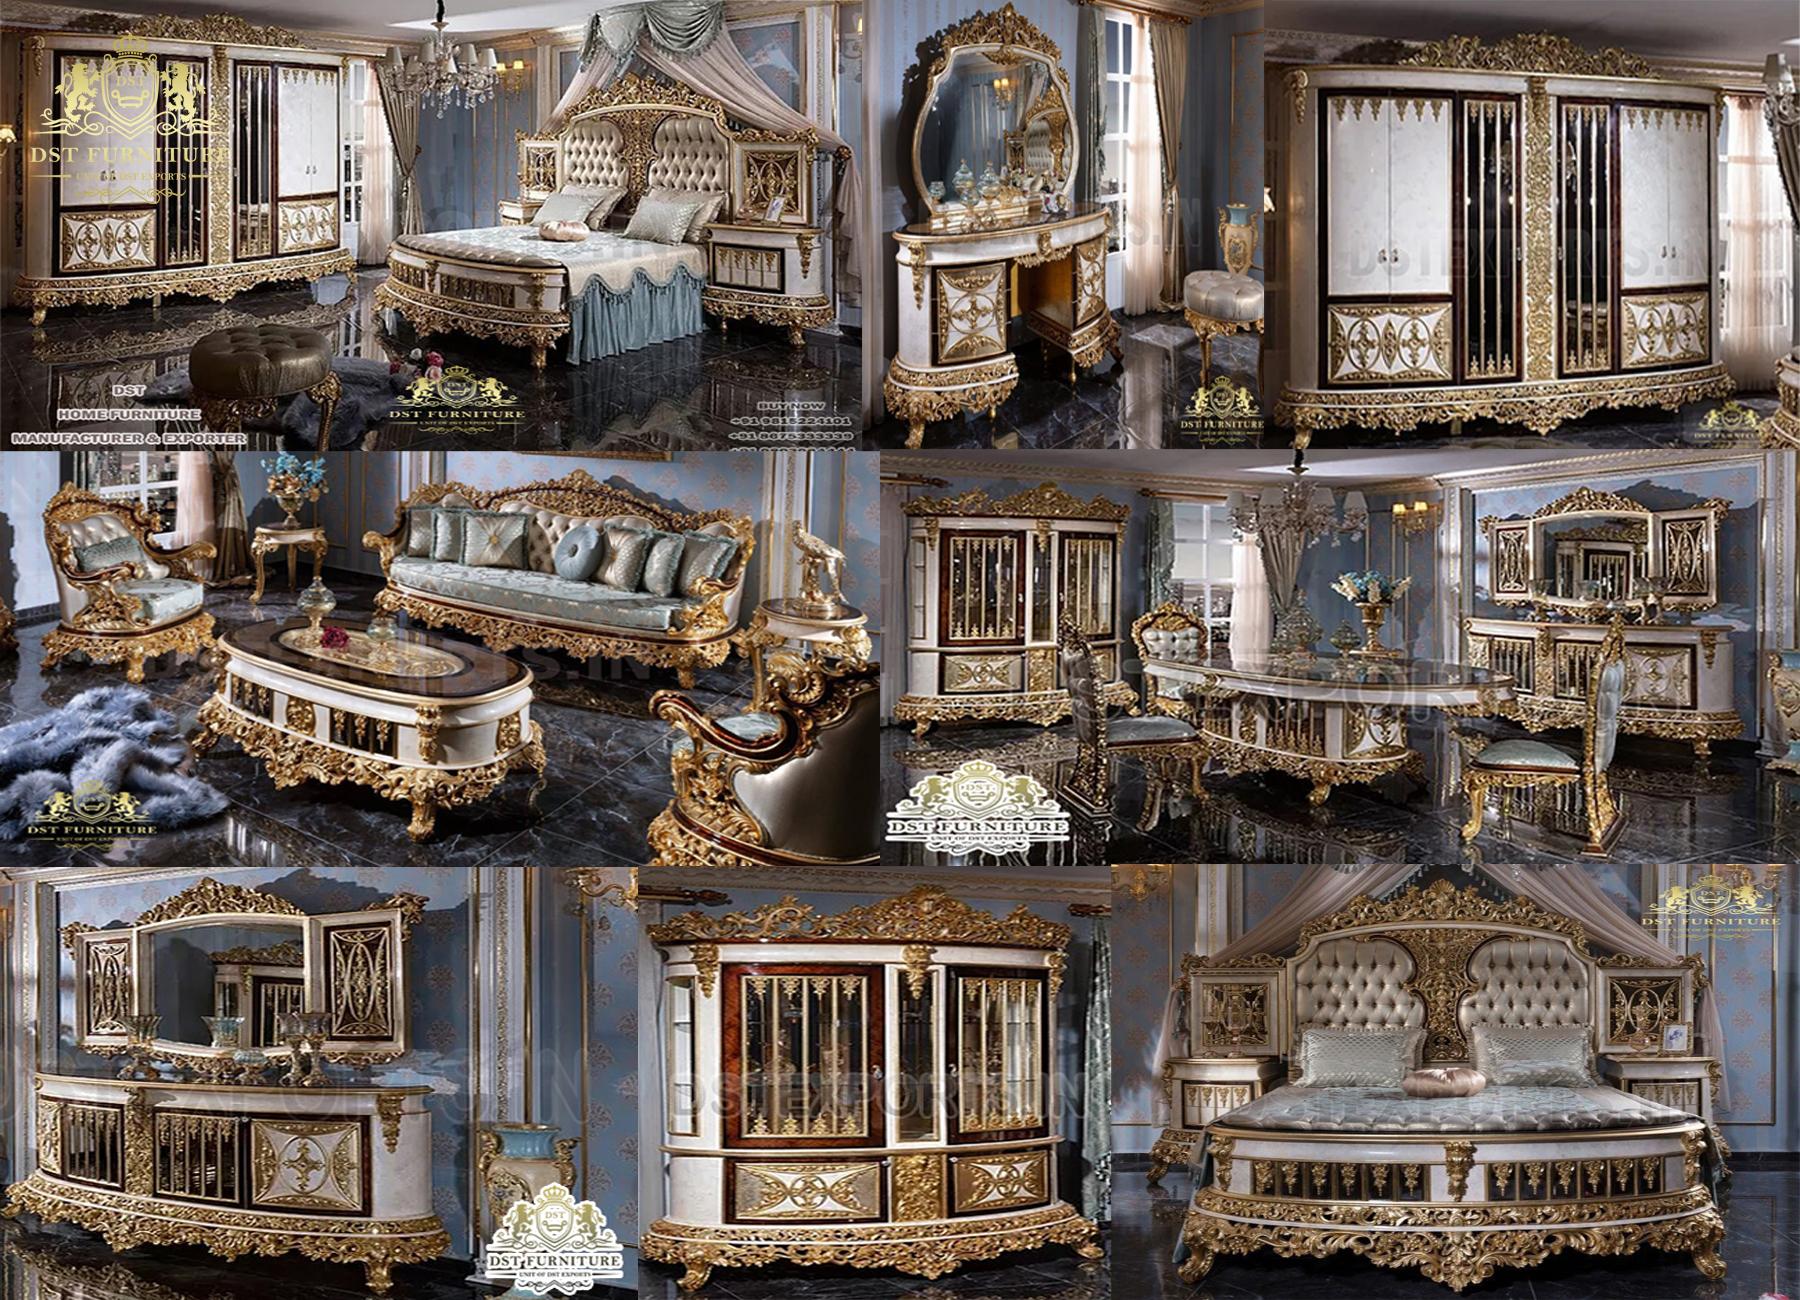 Luxury Upholstered Crown Style Bedroom Furniture Set.jpg